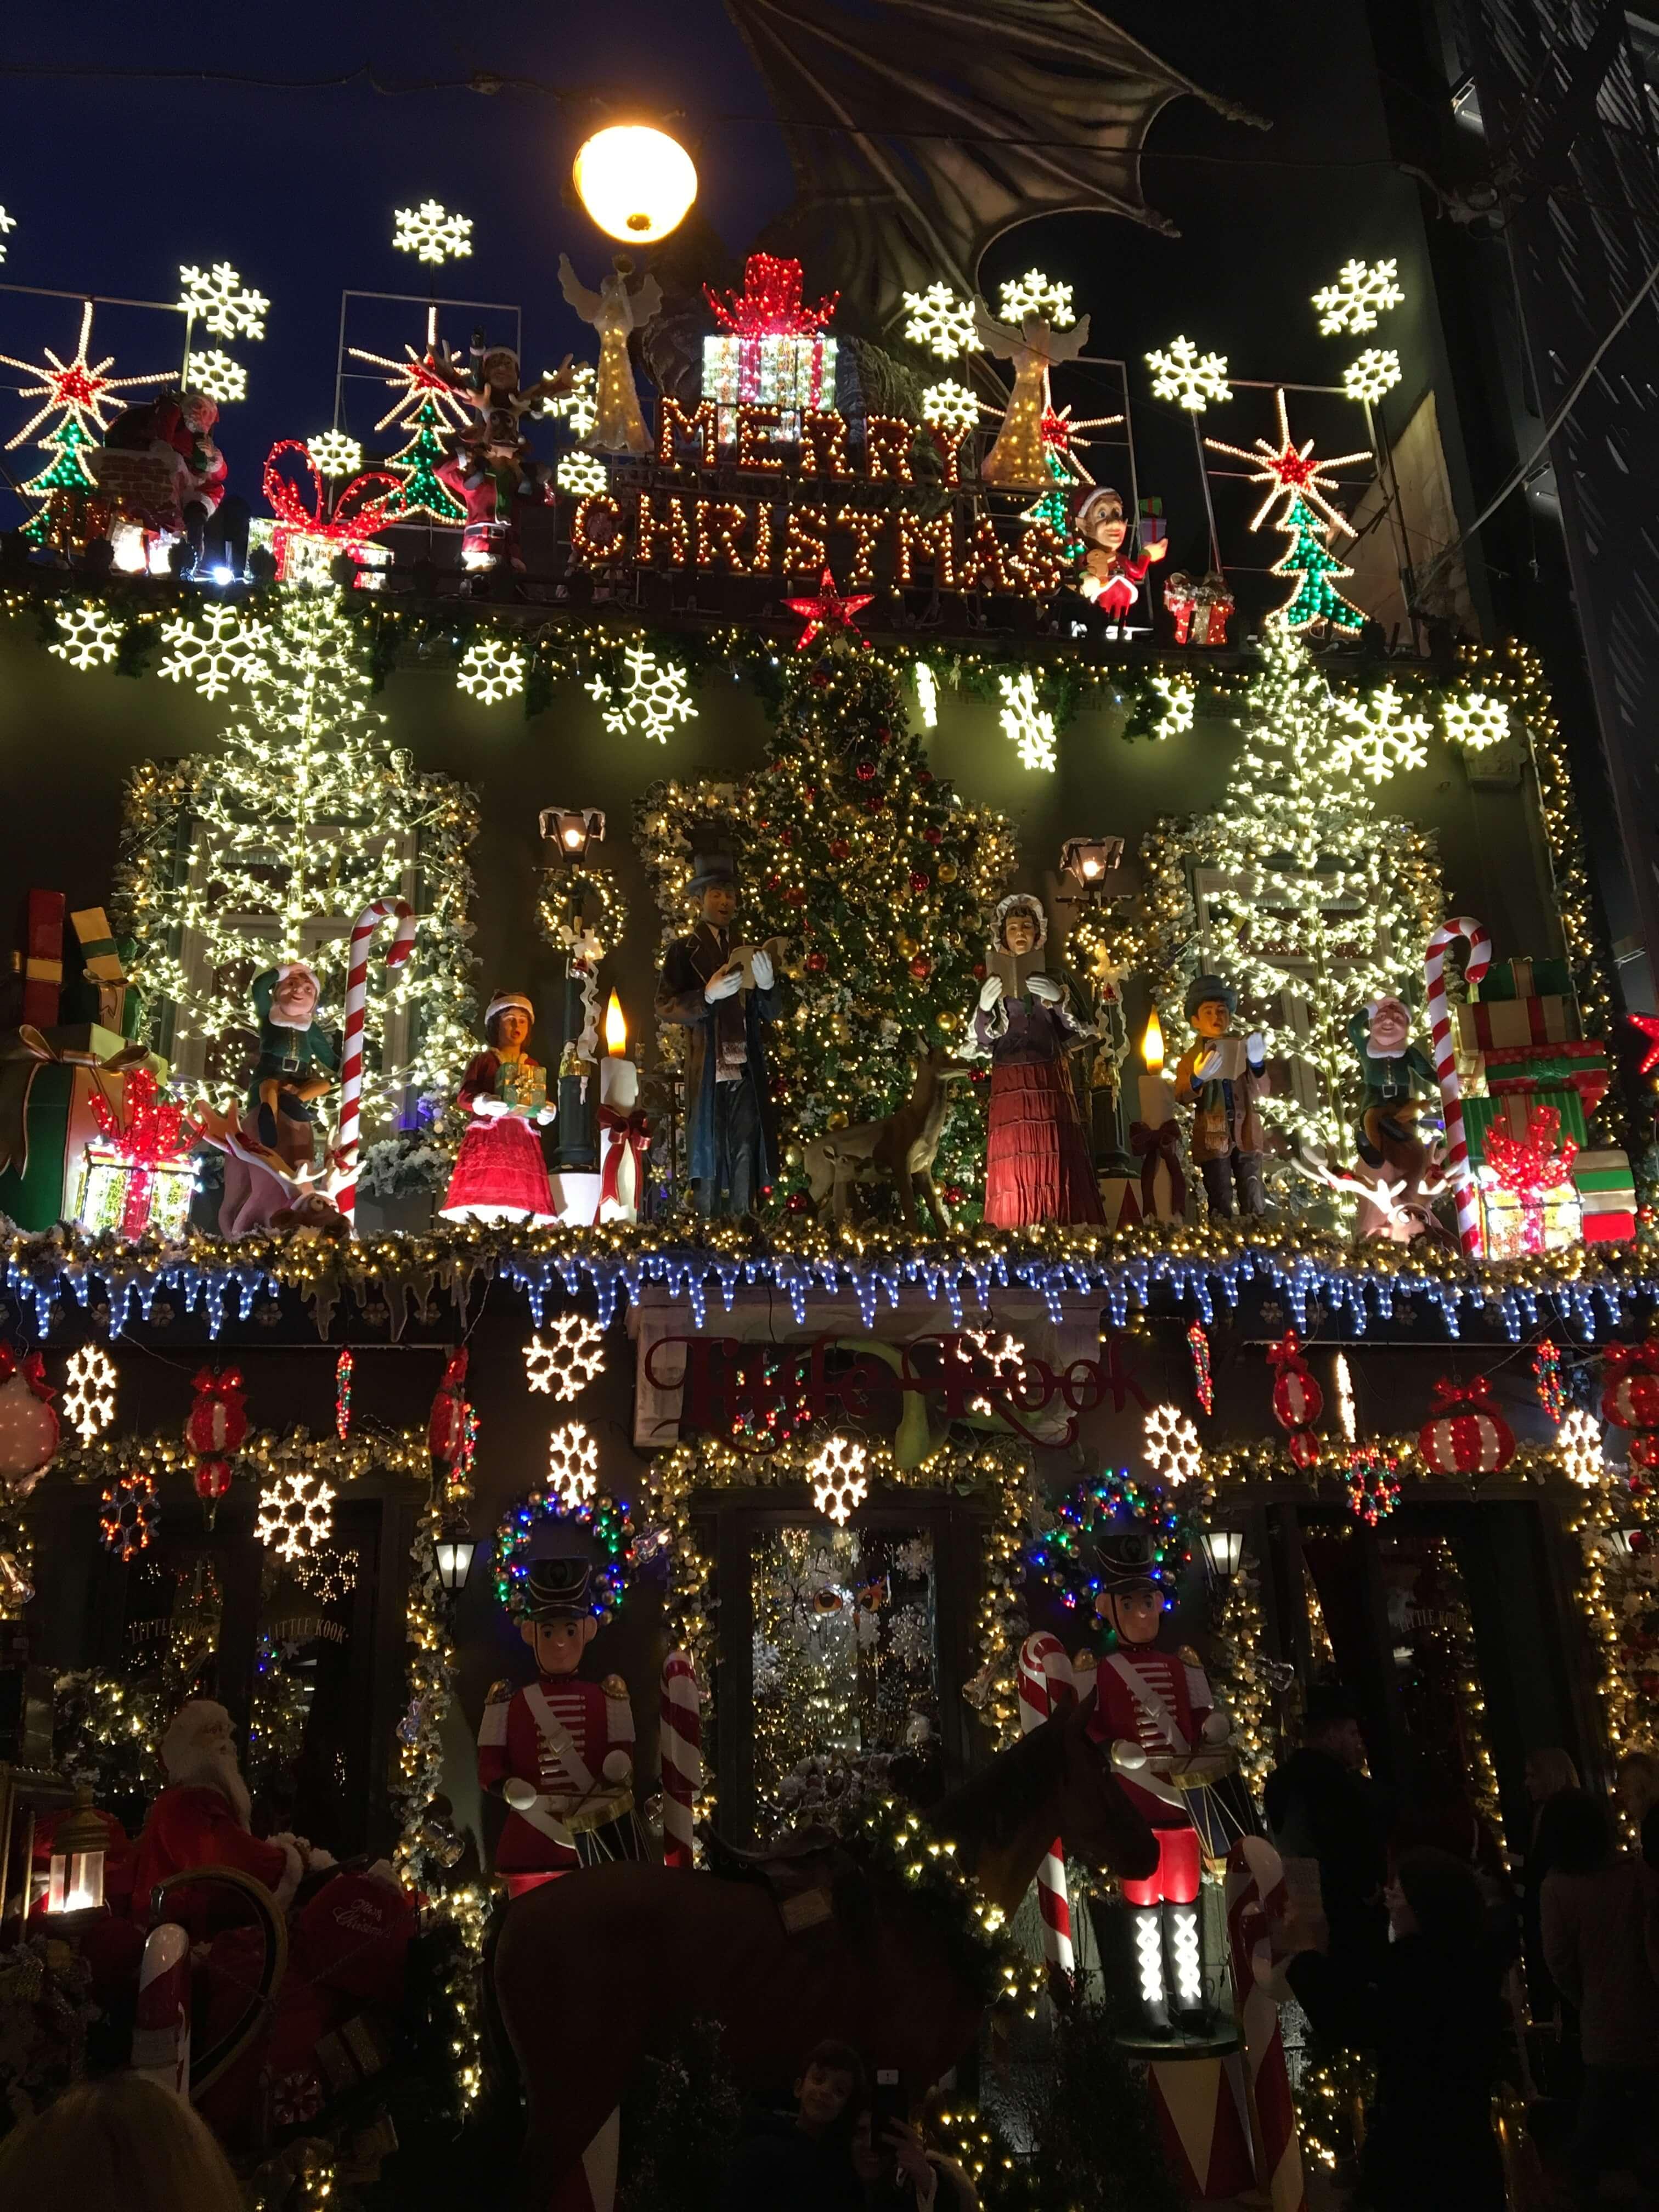 Χριστουγεννιάτικα δώρα για κάποιον που βγαίνετε δωρεάν διαδικτυακό site γνωριμιών με άμεση συνομιλία